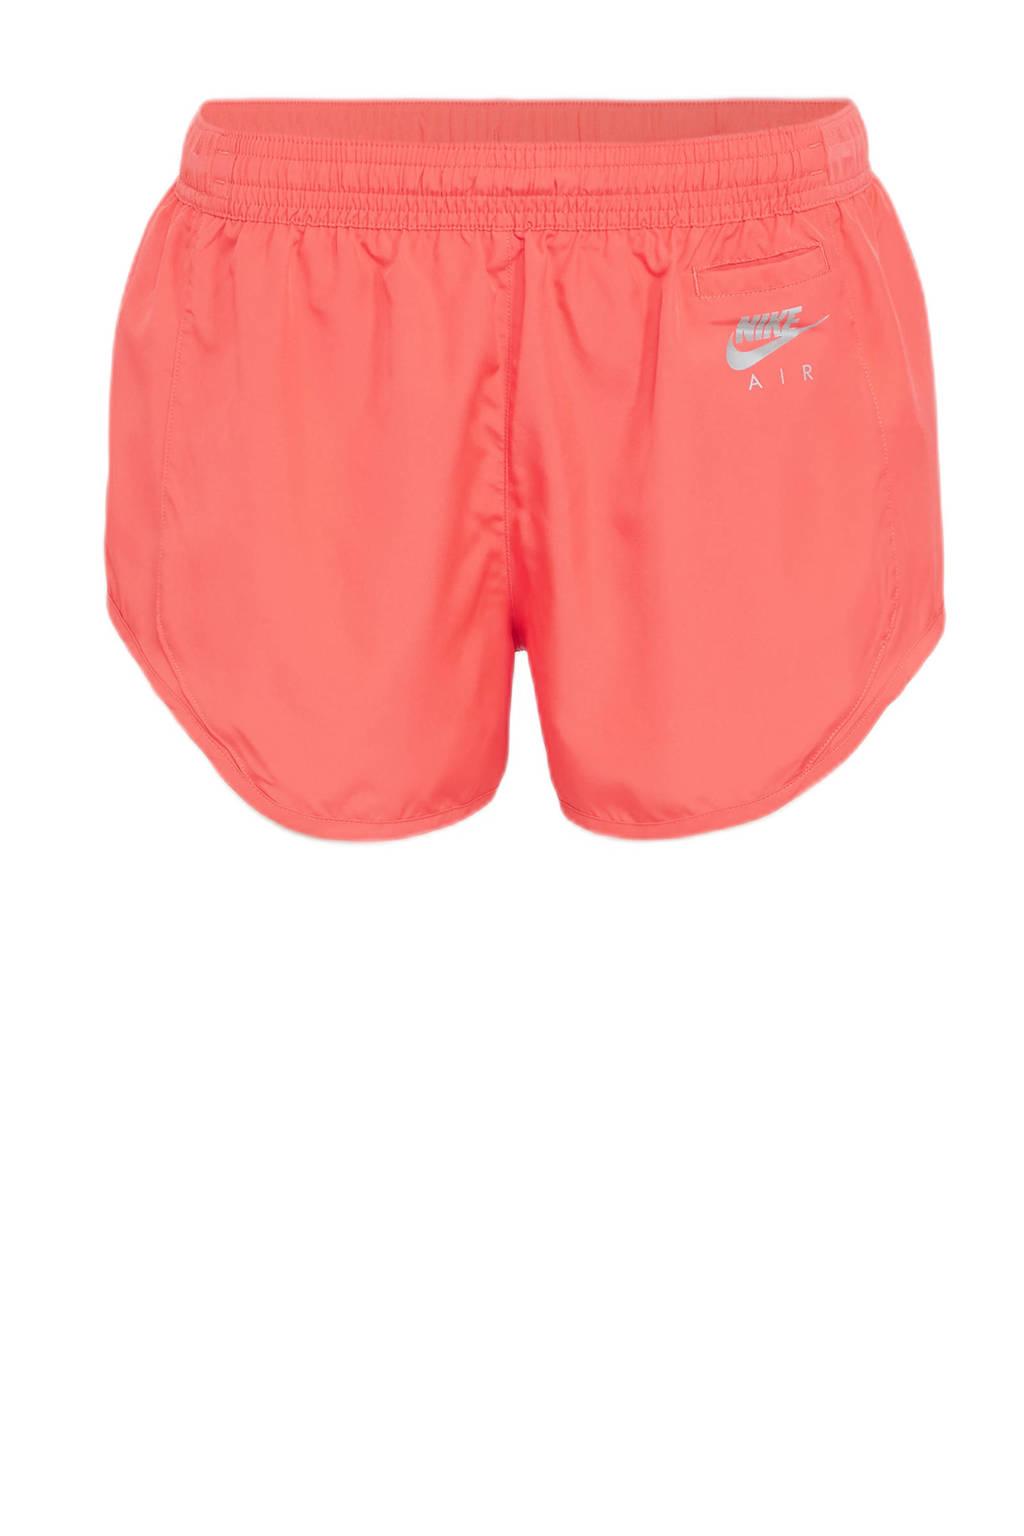 Nike hardloopshort koraalrood, Koraalrood